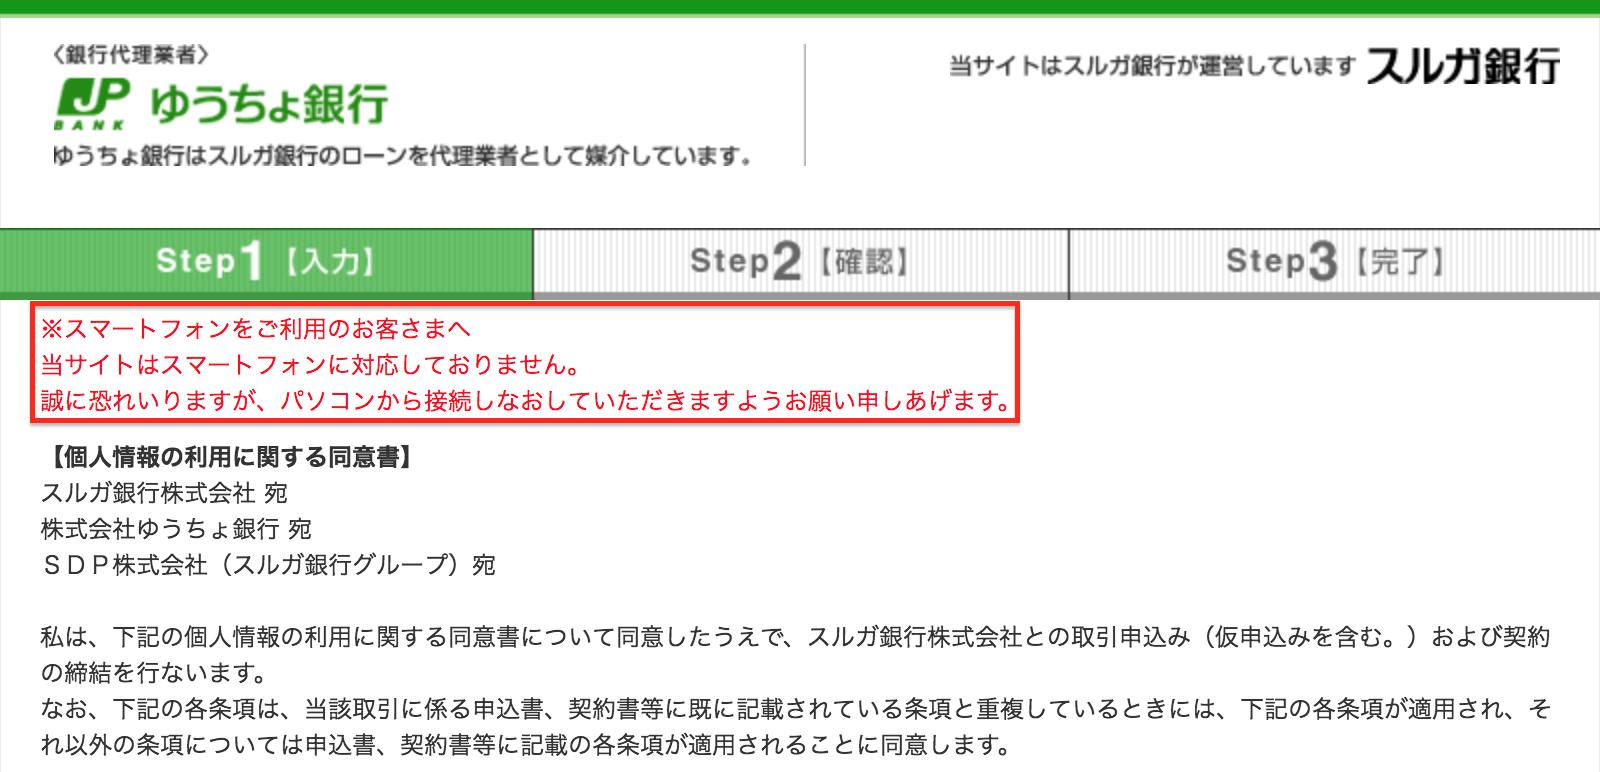 カードローン「したく」 インターネット申し込み画面